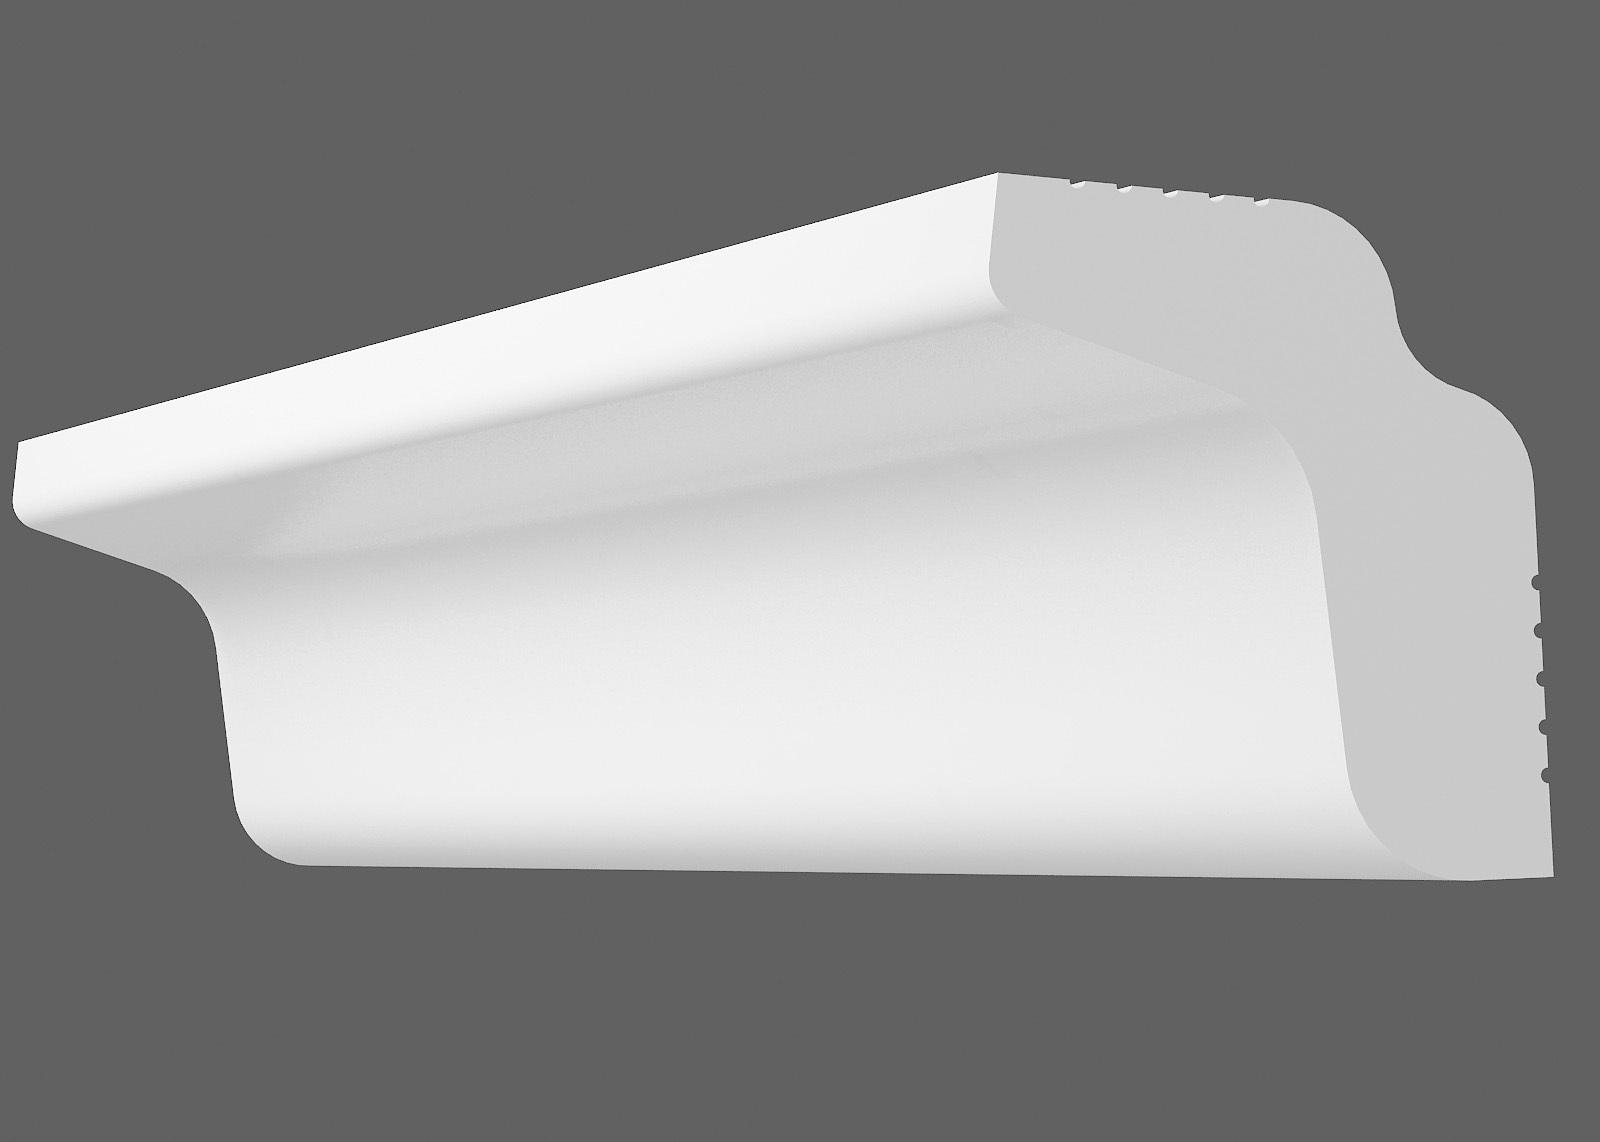 Потолочный плинтус M-25 (Размер:20х25мм)